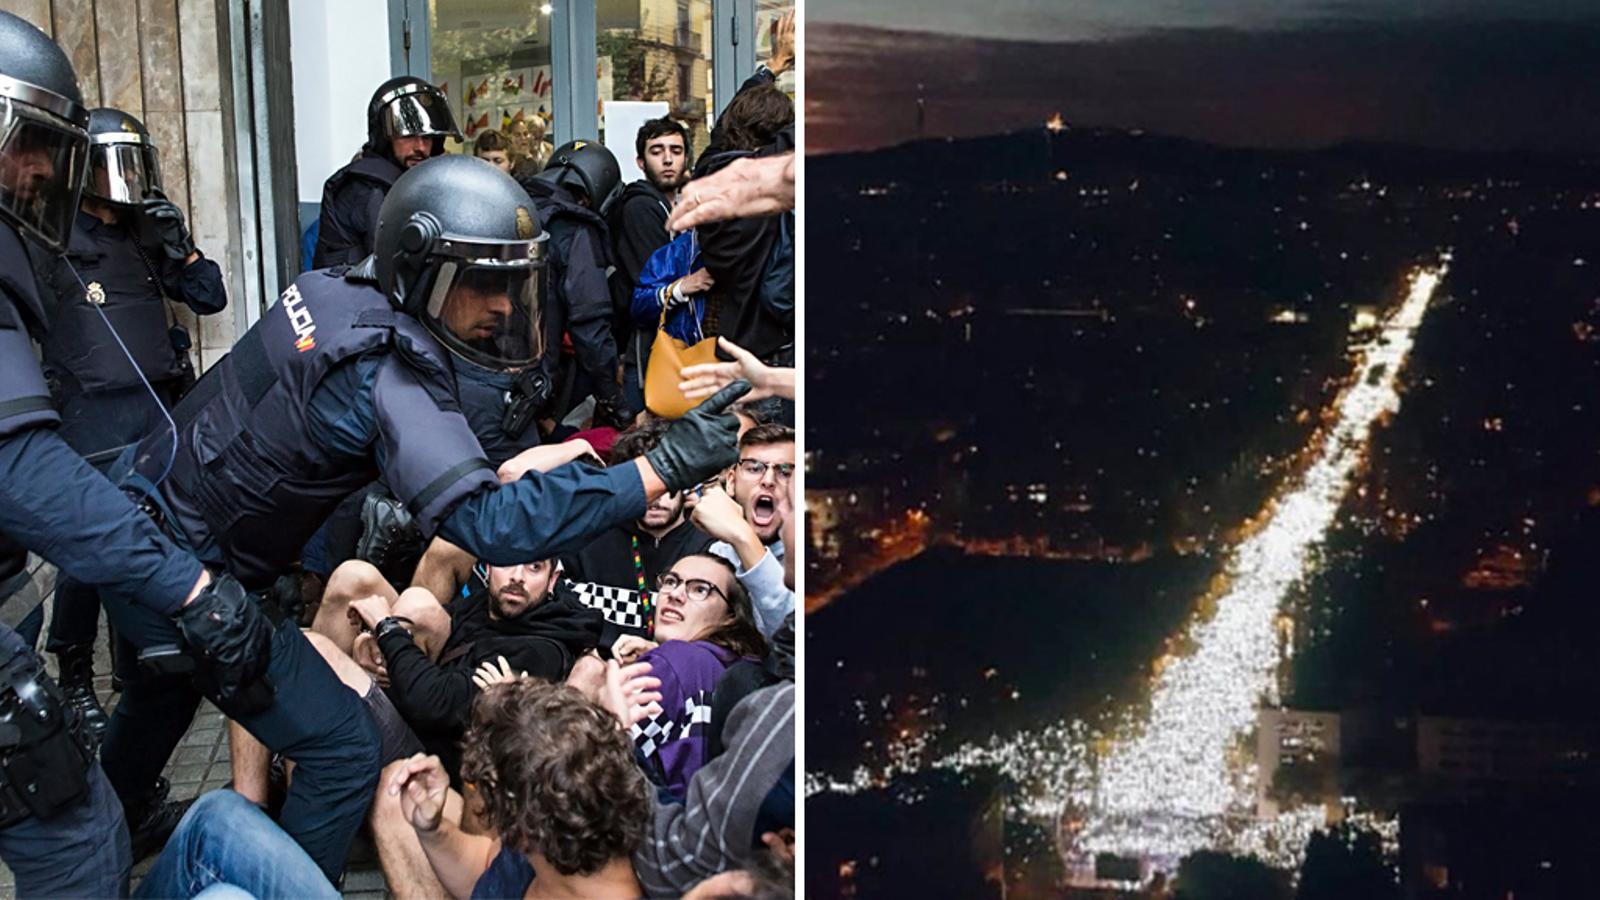 L'anàlisi d'Antoni Bassas: 'L'estat és fort perquè fa servir la força. Catalunya és forta perquè és'